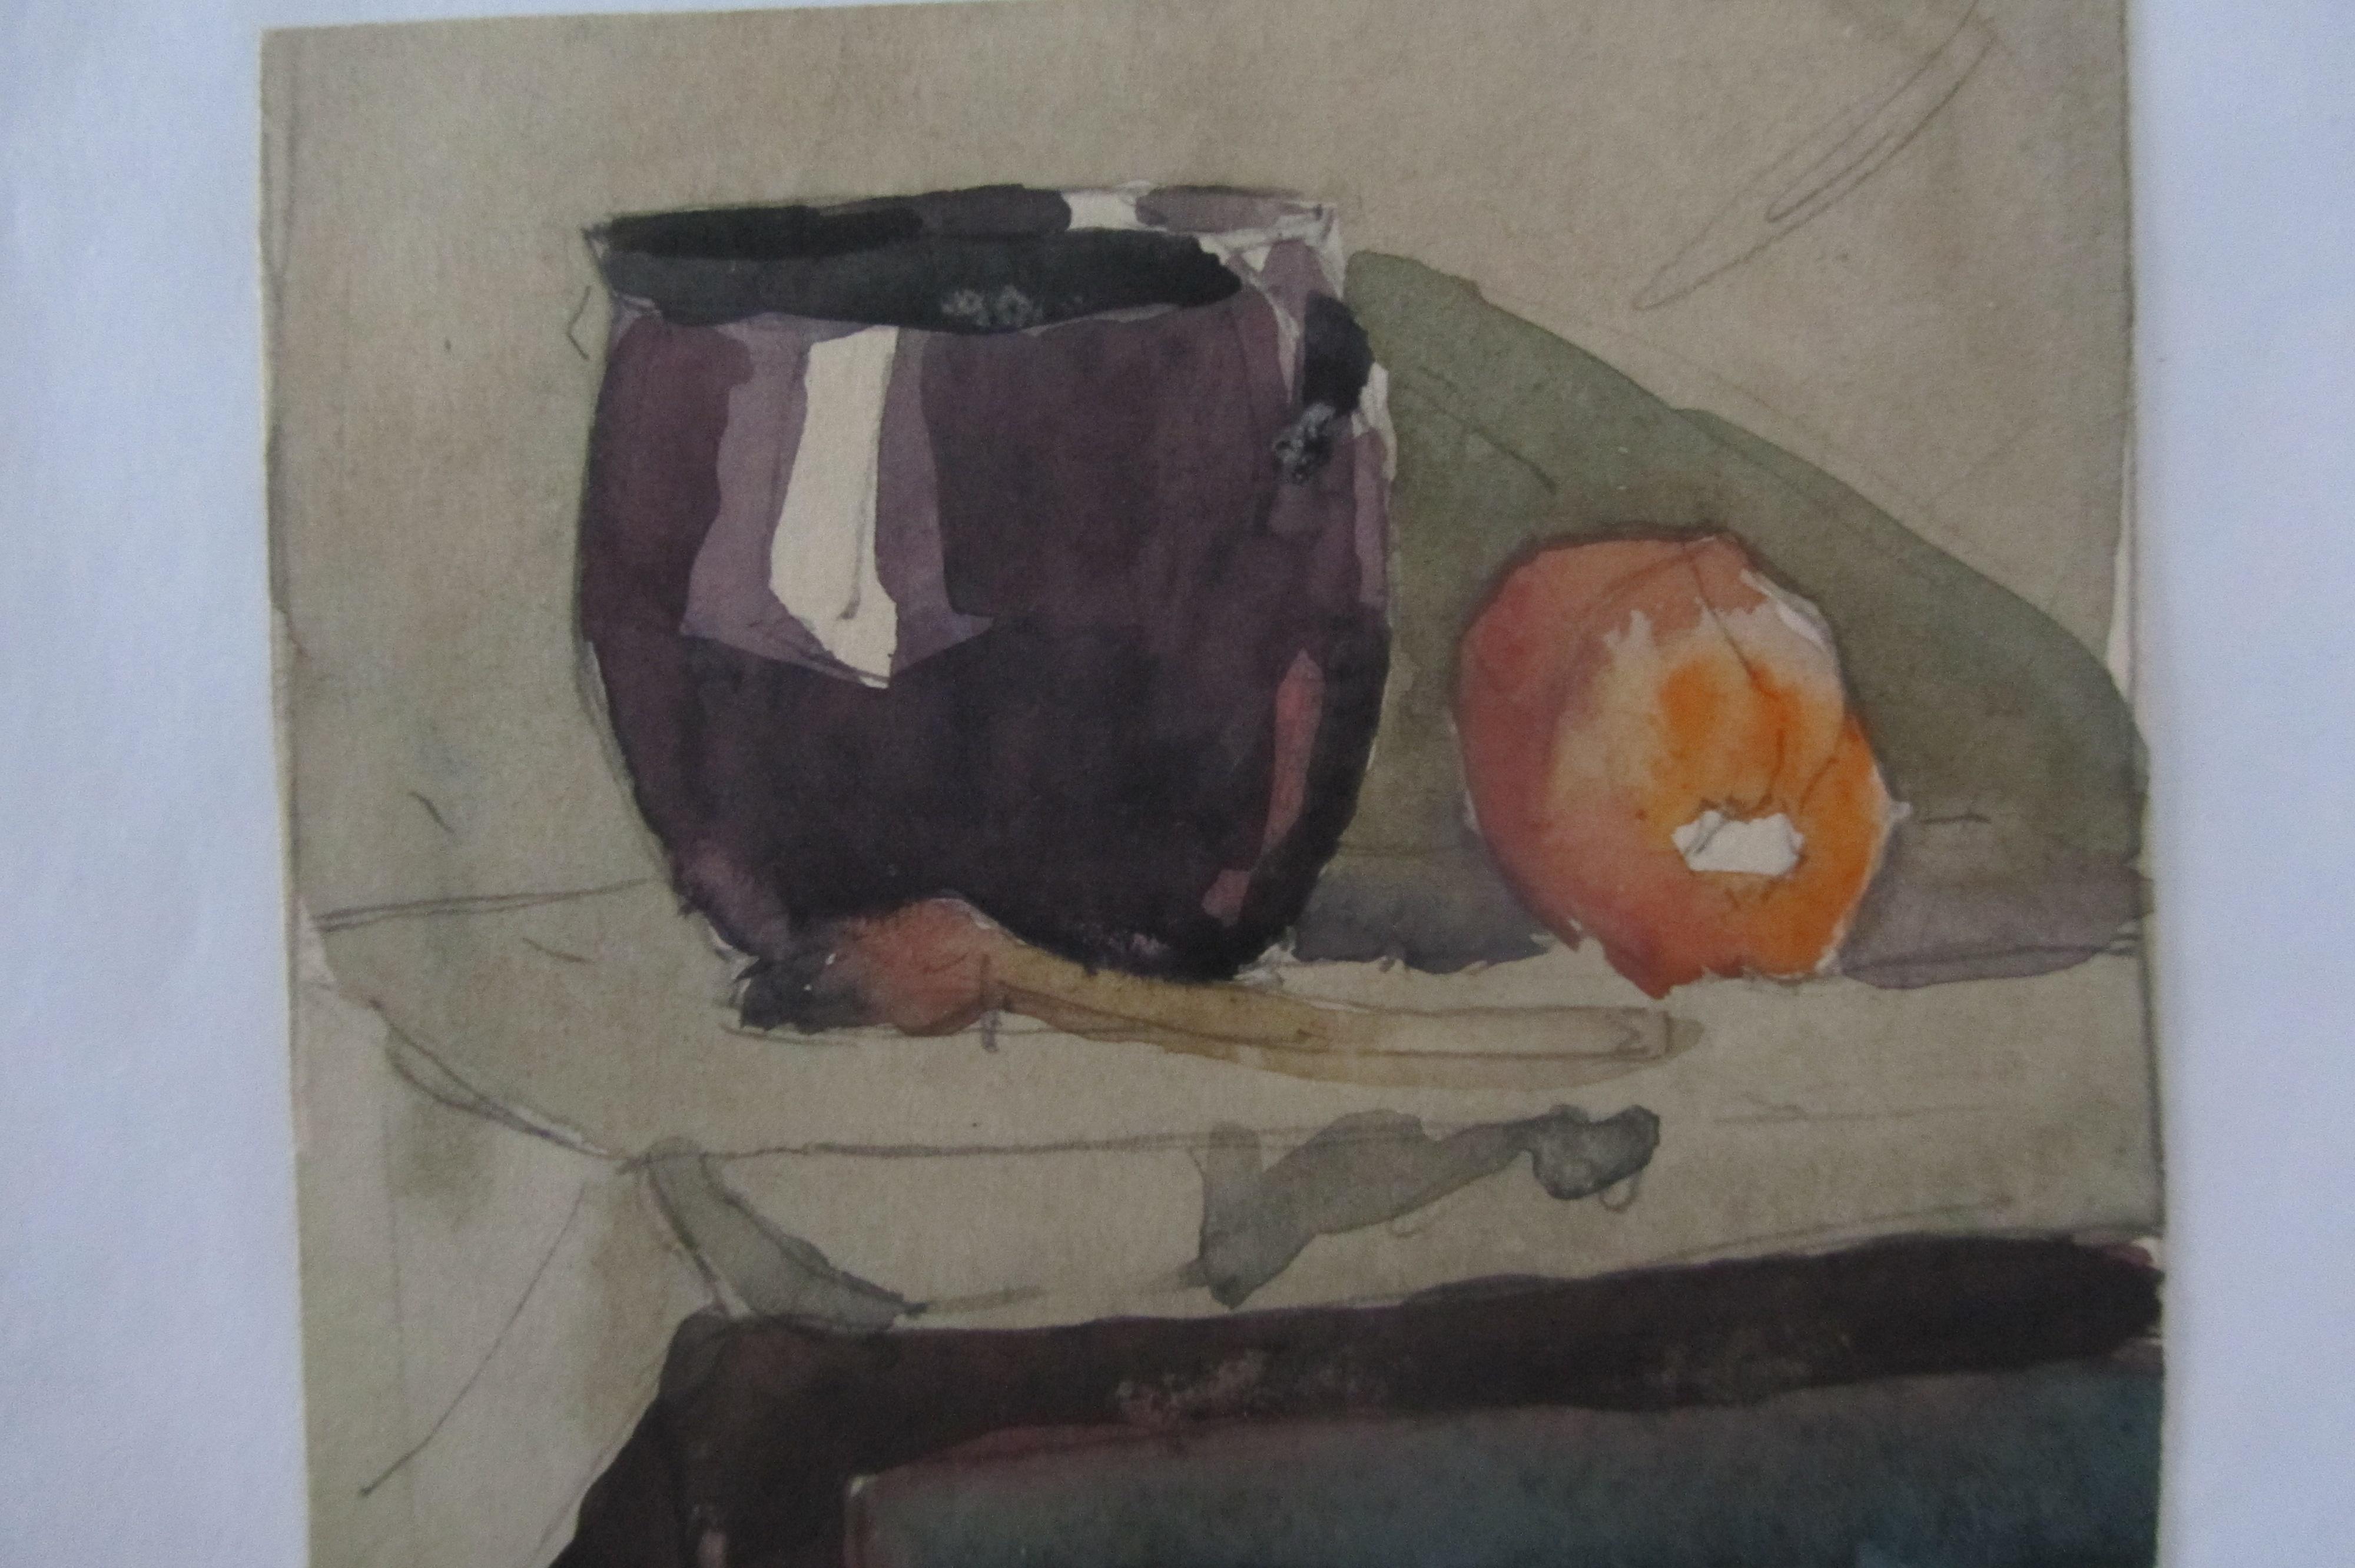 Валерий Кульченко. Ангел на окне мастерской. Острова памяти. Часть 43